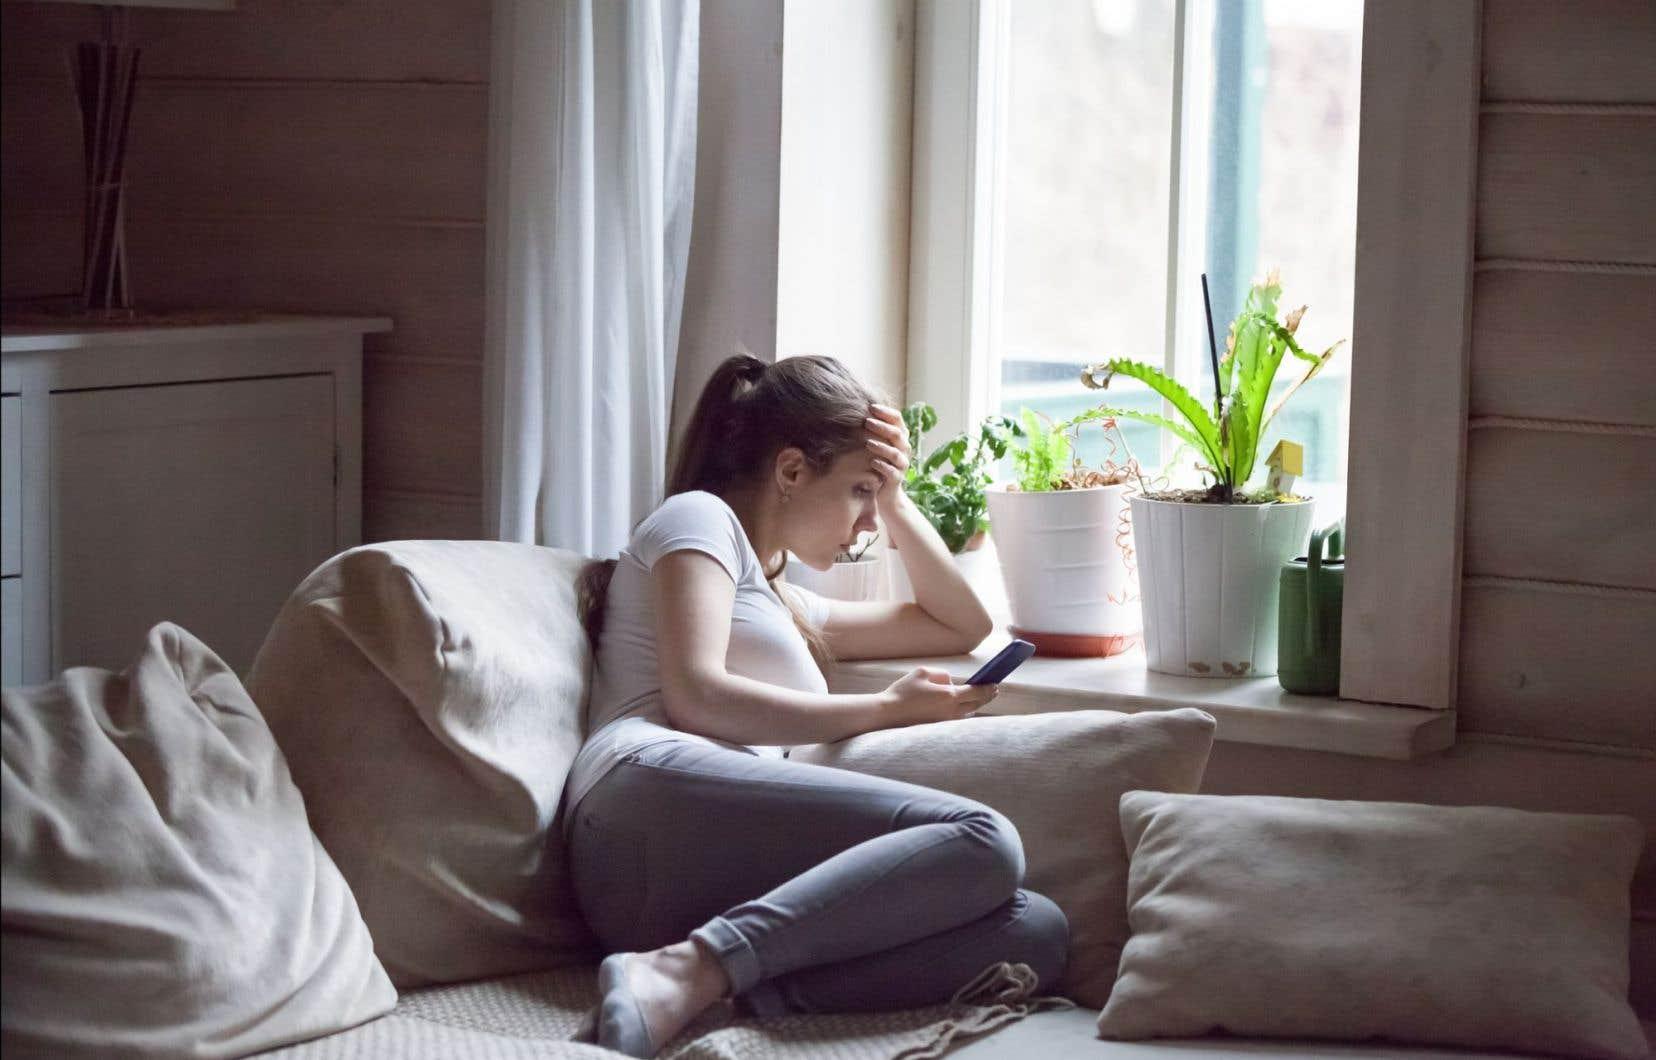 Contrairement aux enfants de moins de 10 ans, les adolescents passent normalement beaucoup plus de temps avec d'autres jeunes de leur âge qu'avec leur famille.